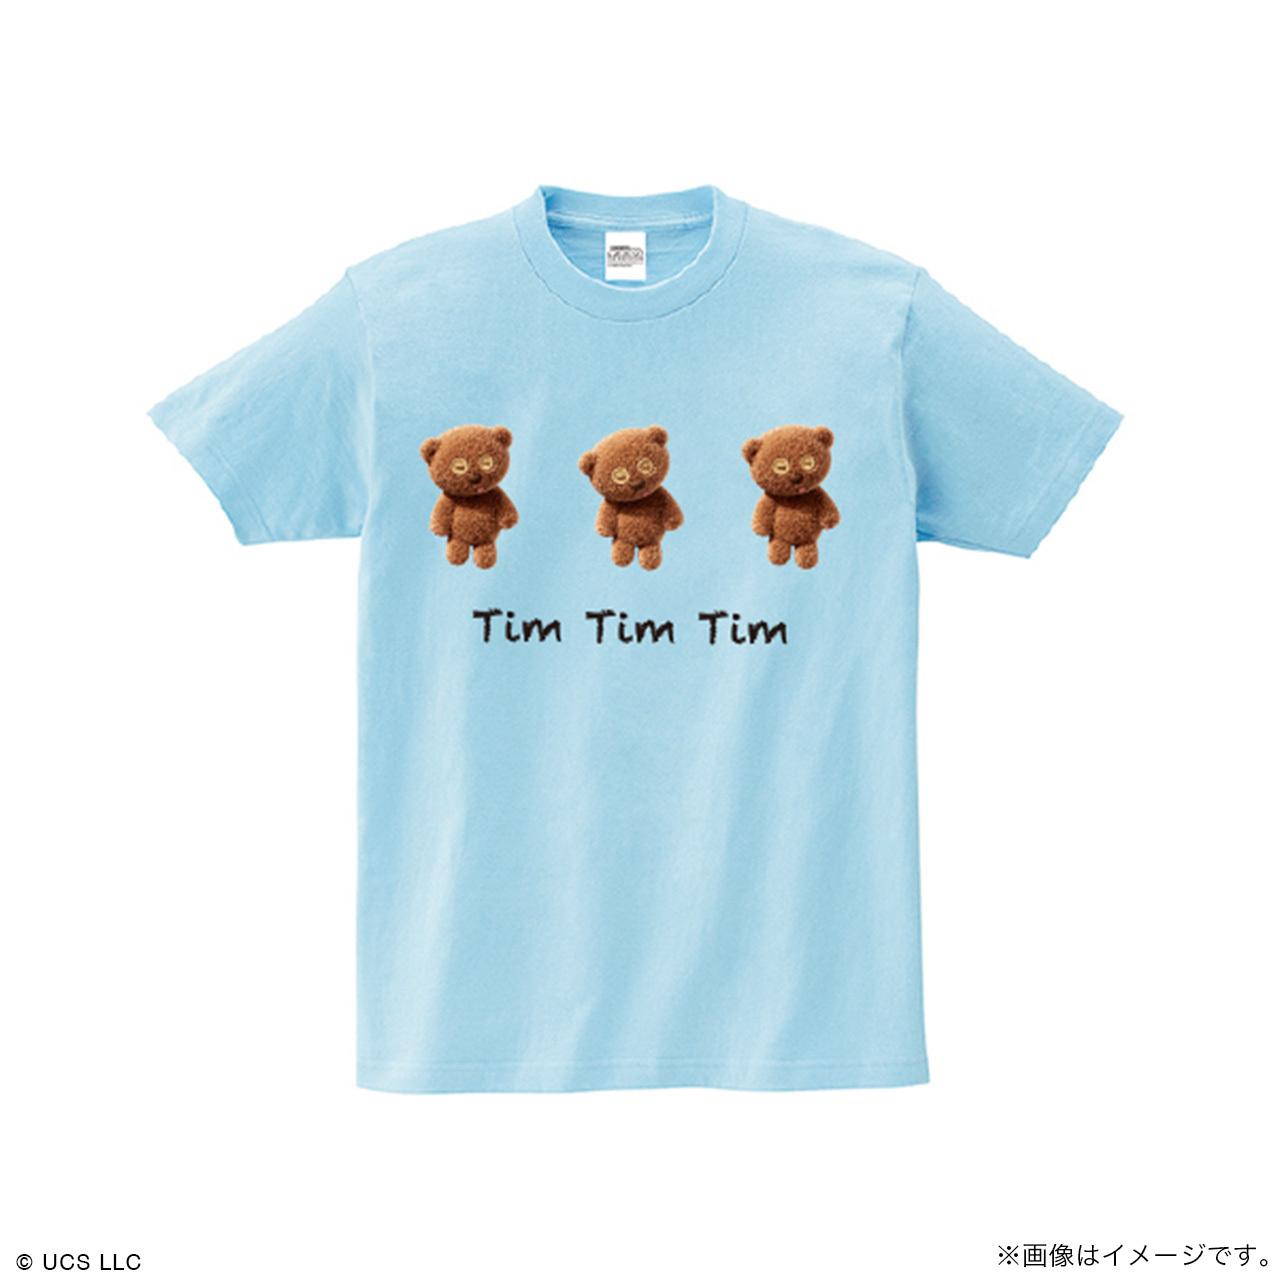 キッズTシャツ/ミニオン(Tim Tim Tim ブルー)【MINIONS POP UP STORE 限定】